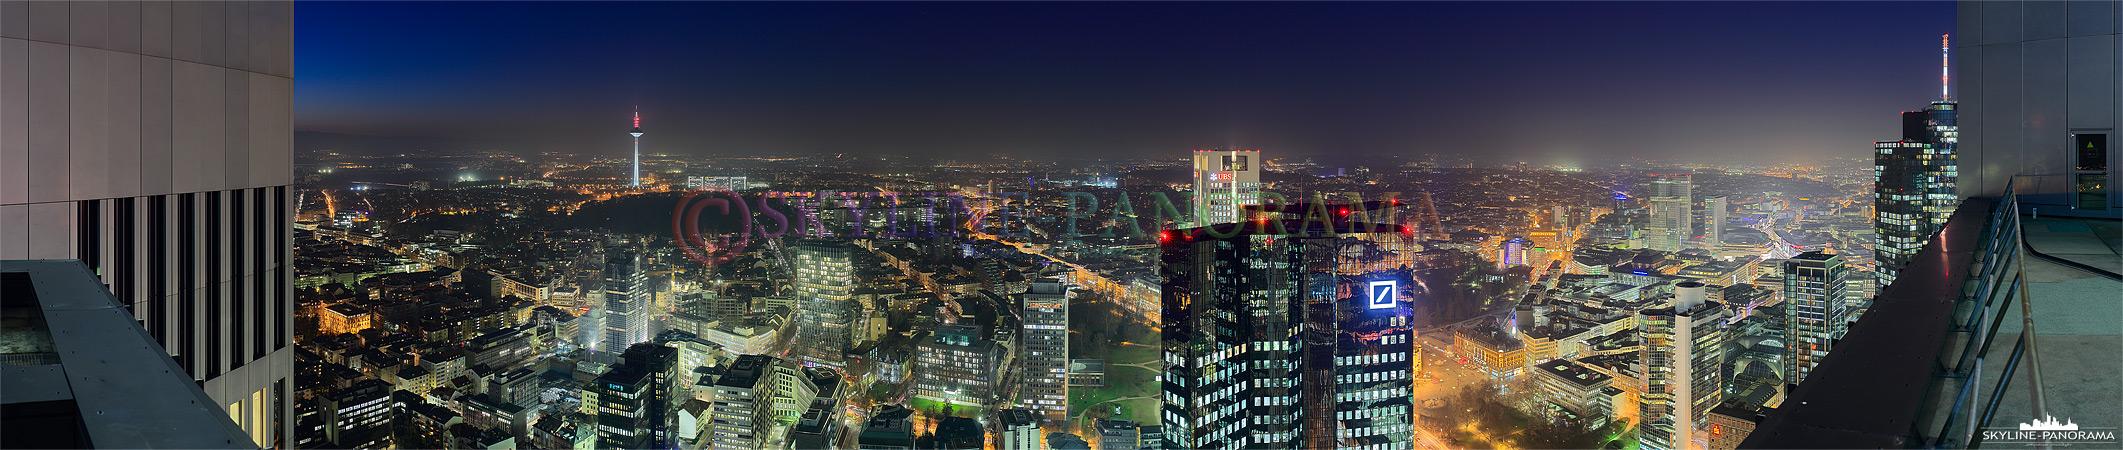 Bilder der Skyline - Das abendliche Panorama der Stadt Frankfurt vom Trianon Tower mit Blick in Richtung Norden.